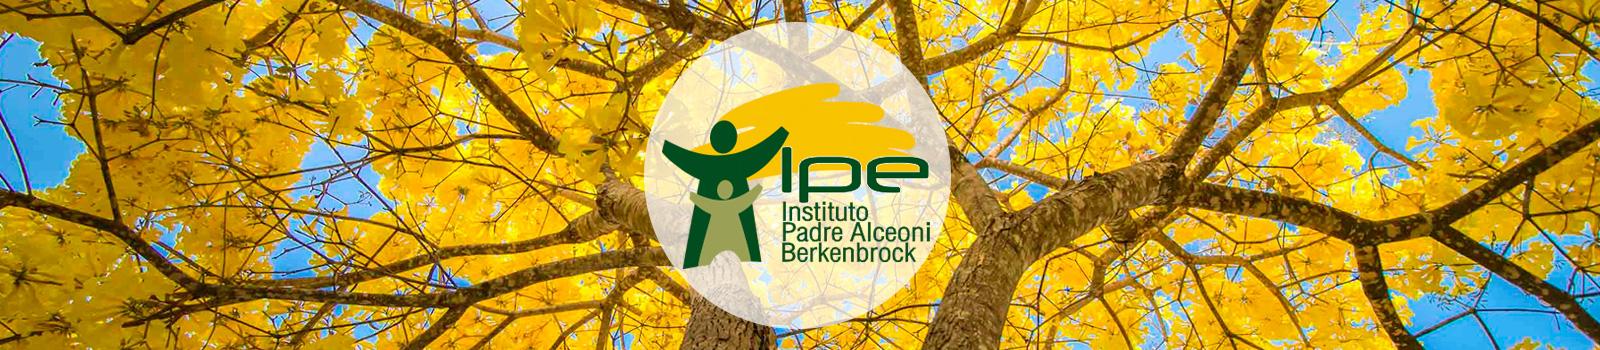 Instituto IPE